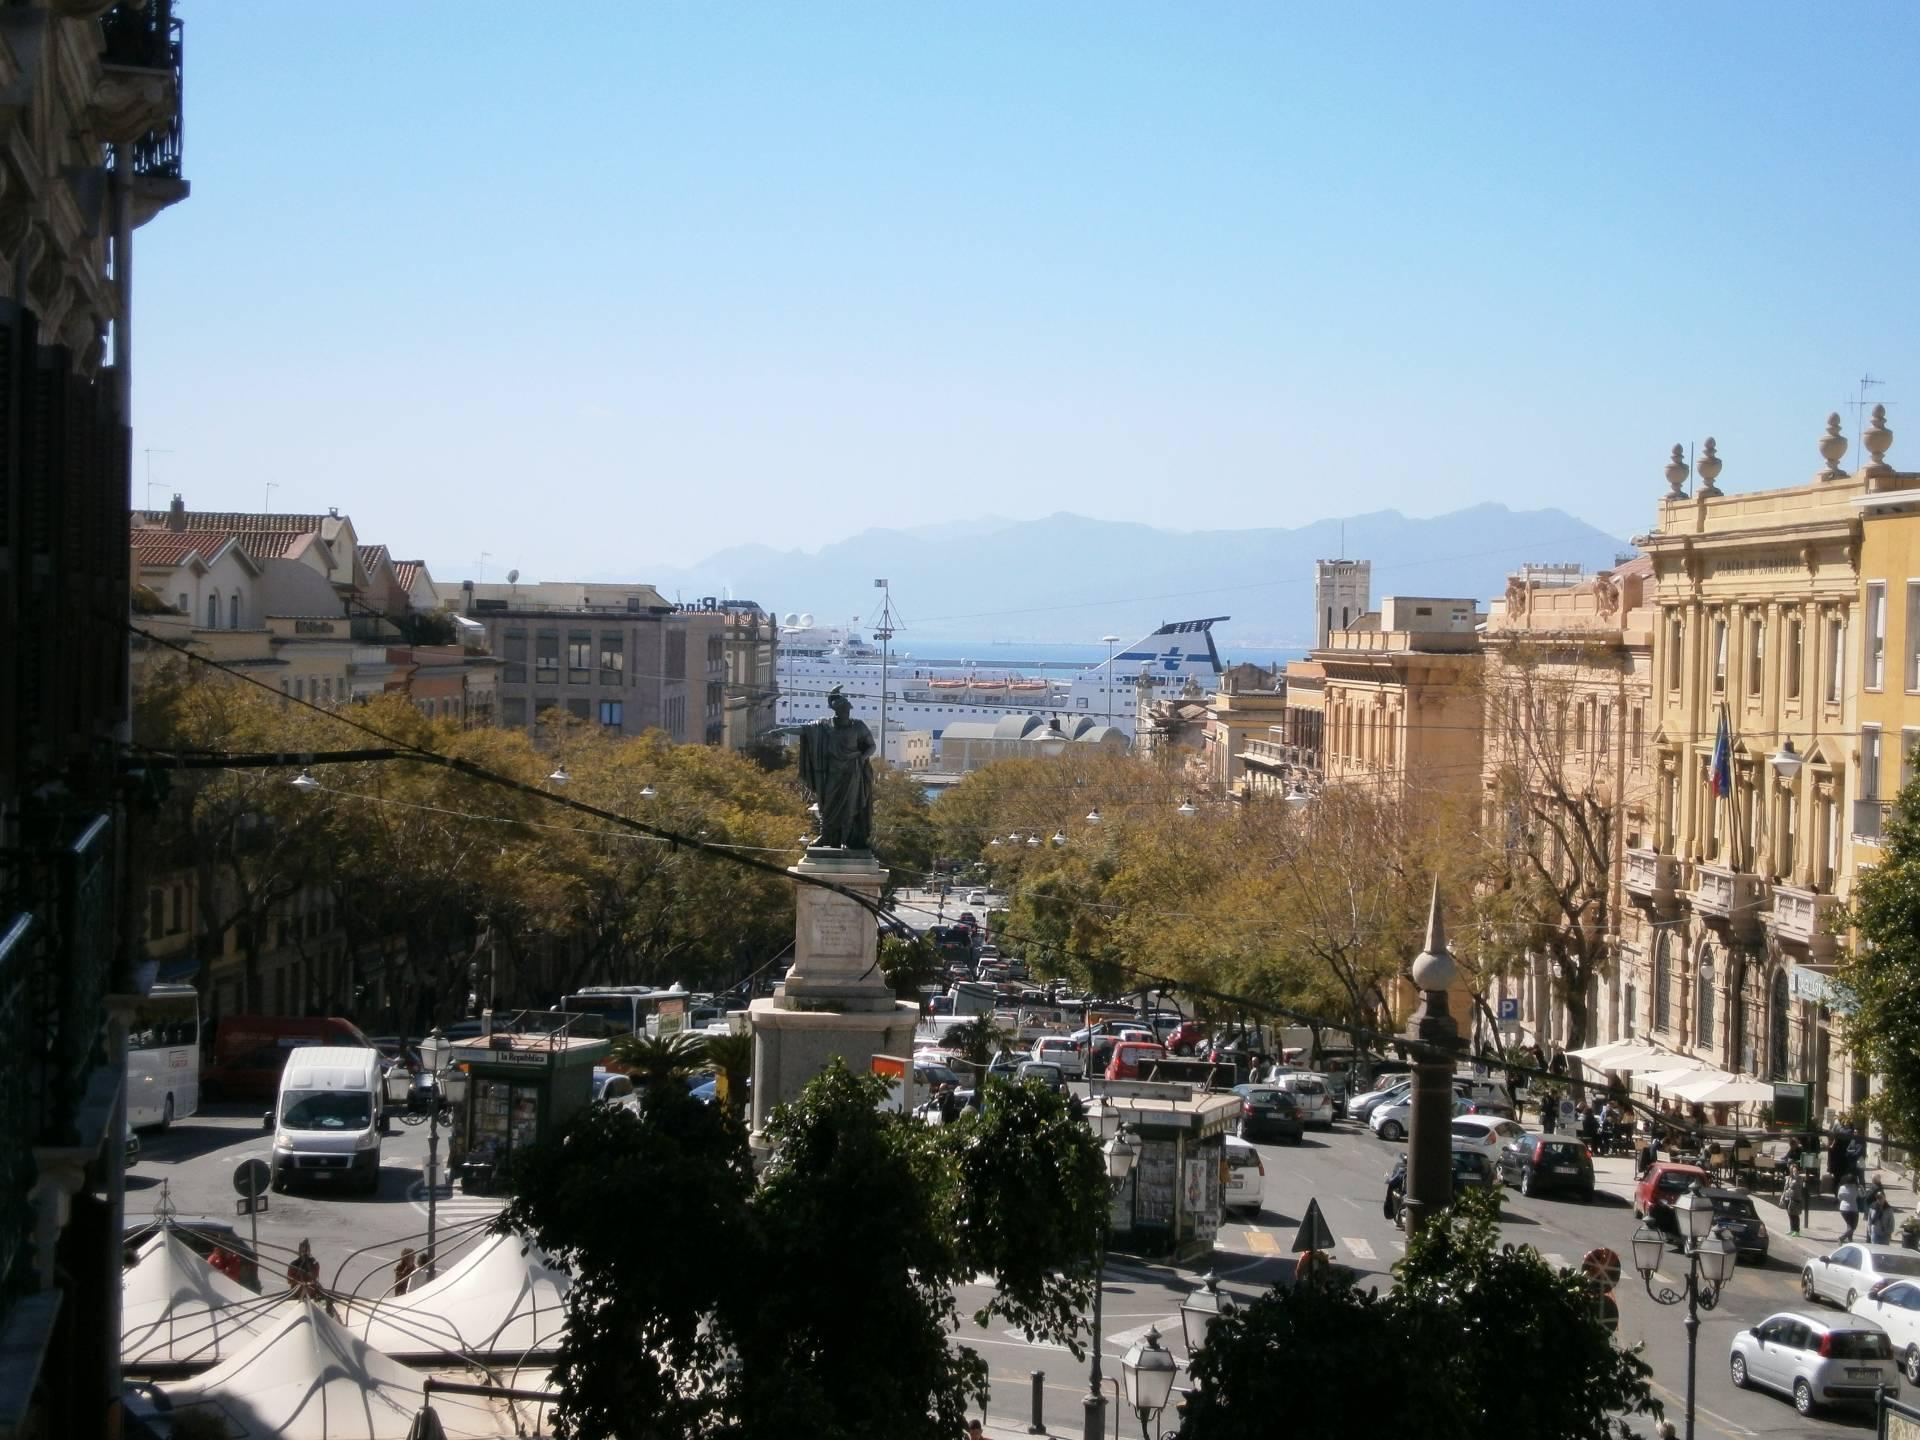 Appartamento in affitto a Cagliari, 3 locali, zona Zona: Castello, prezzo € 800 | Cambio Casa.it